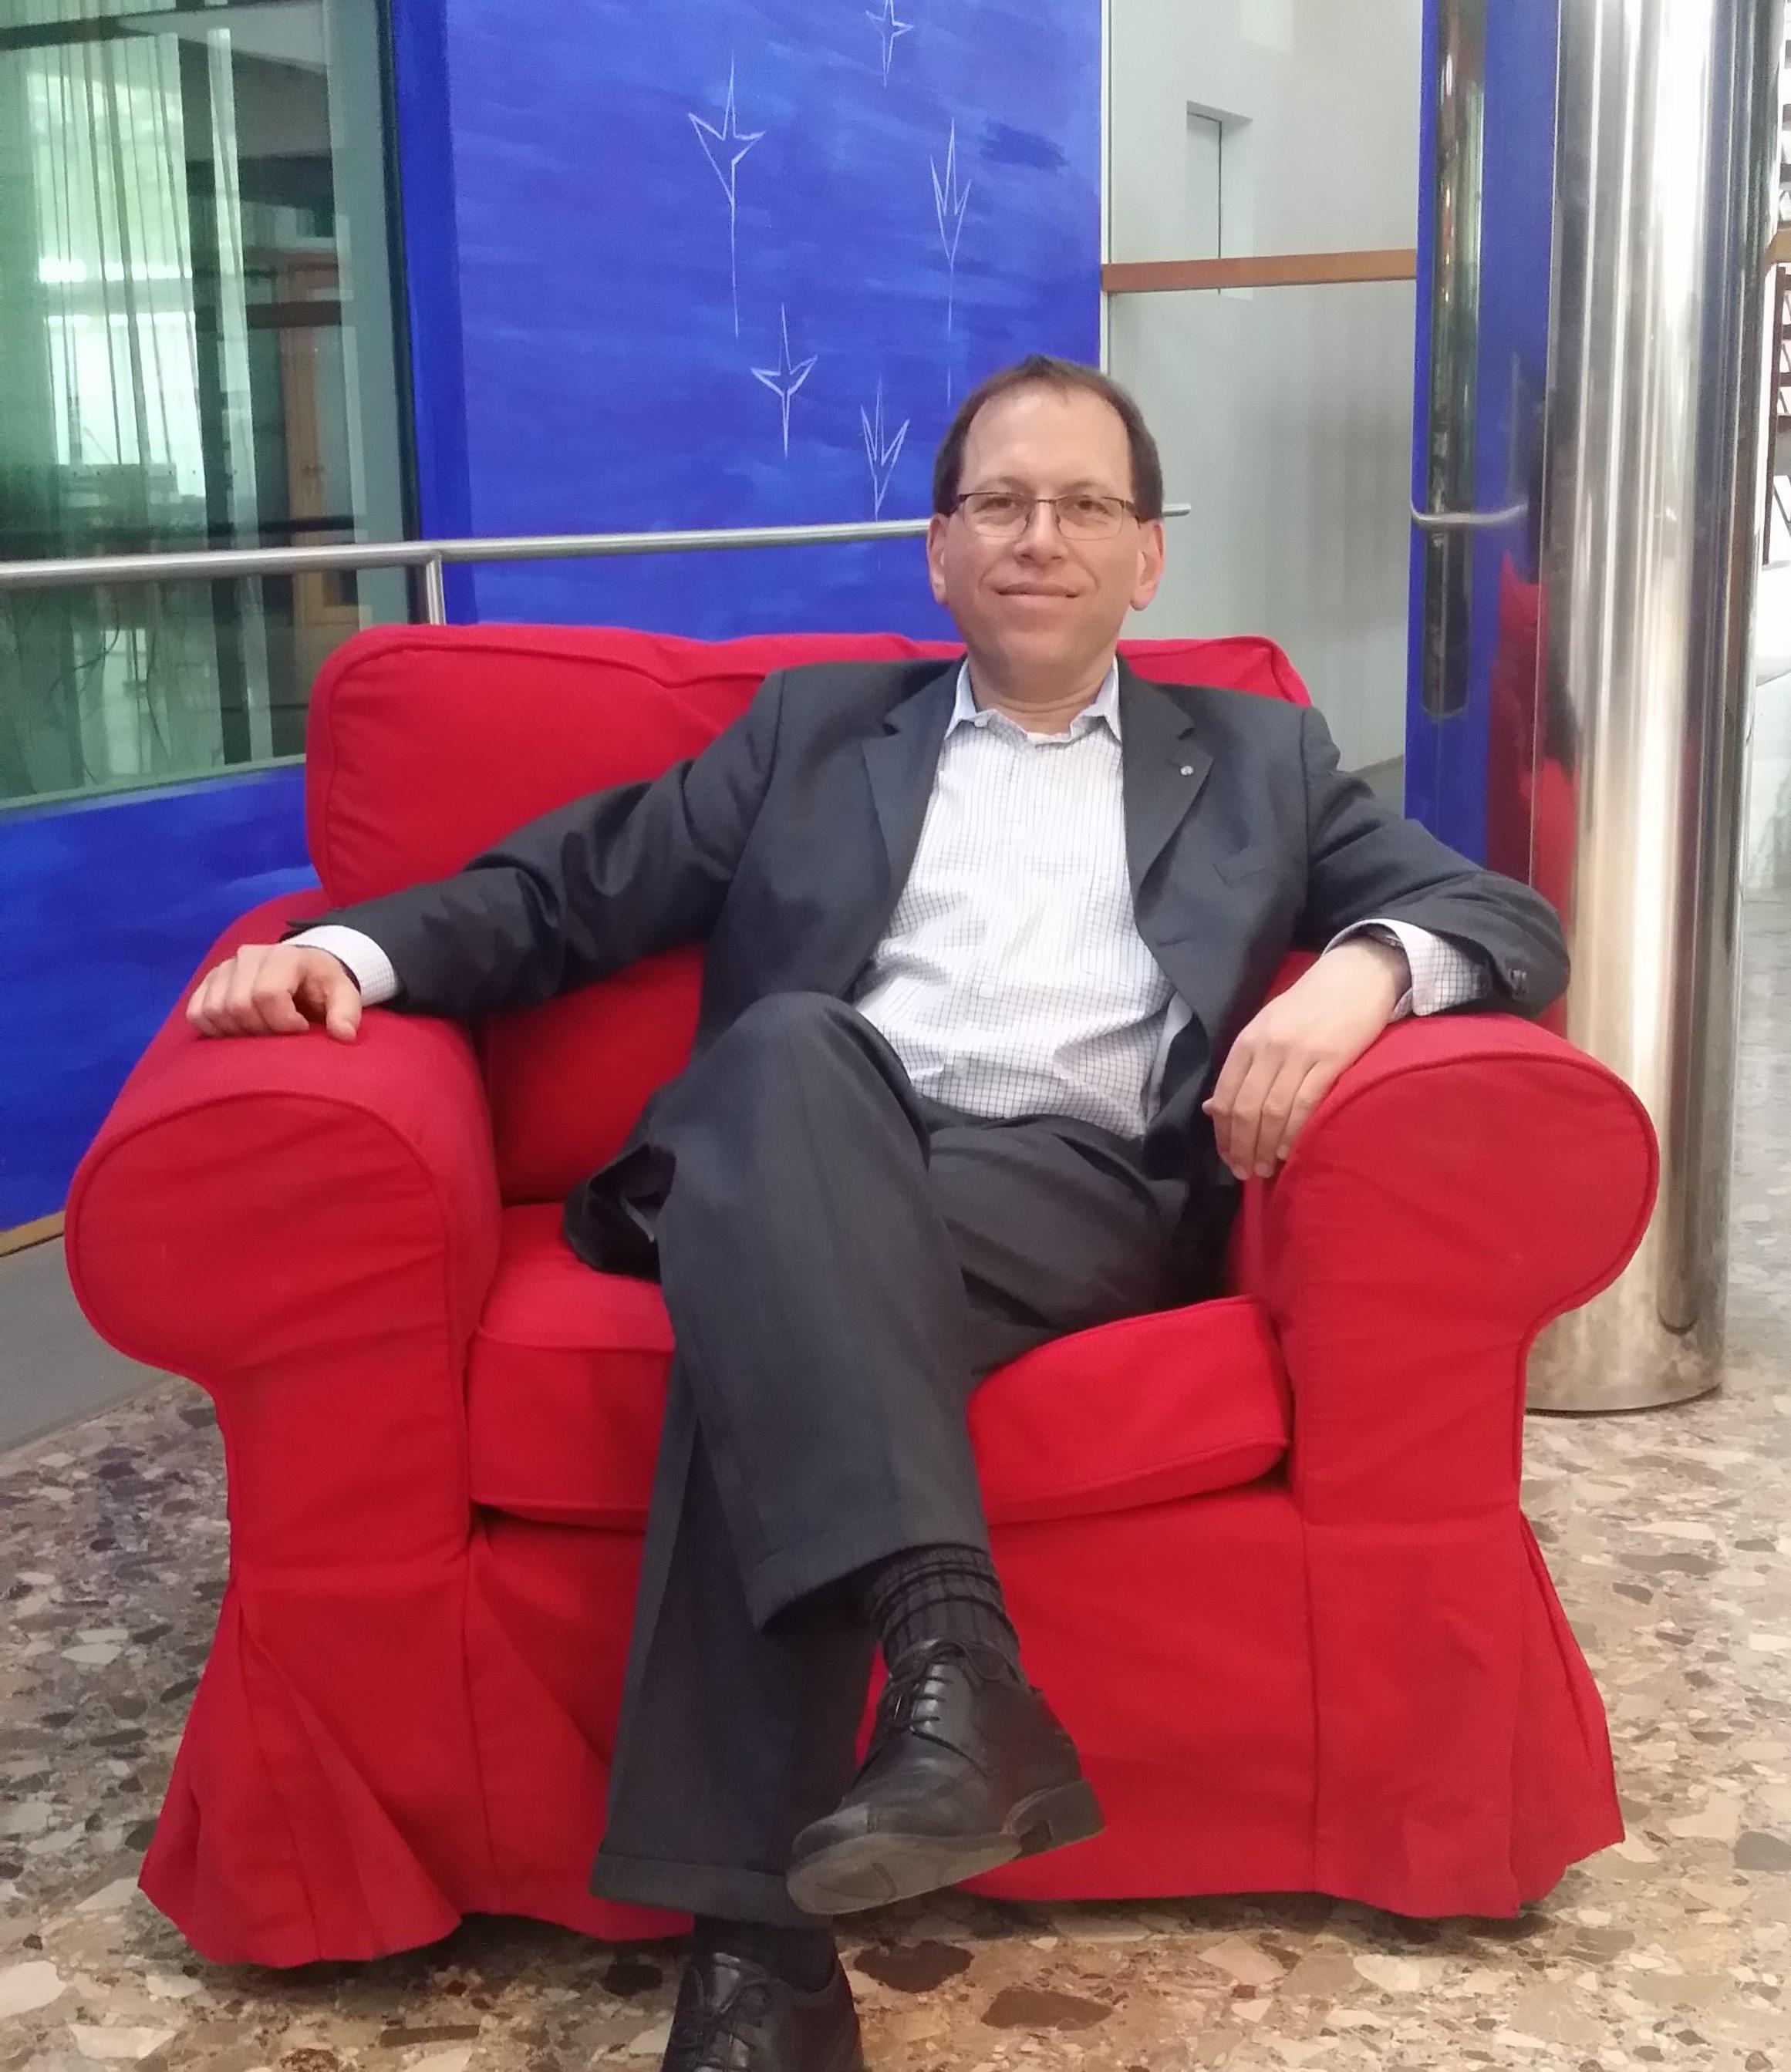 Claus Meinen